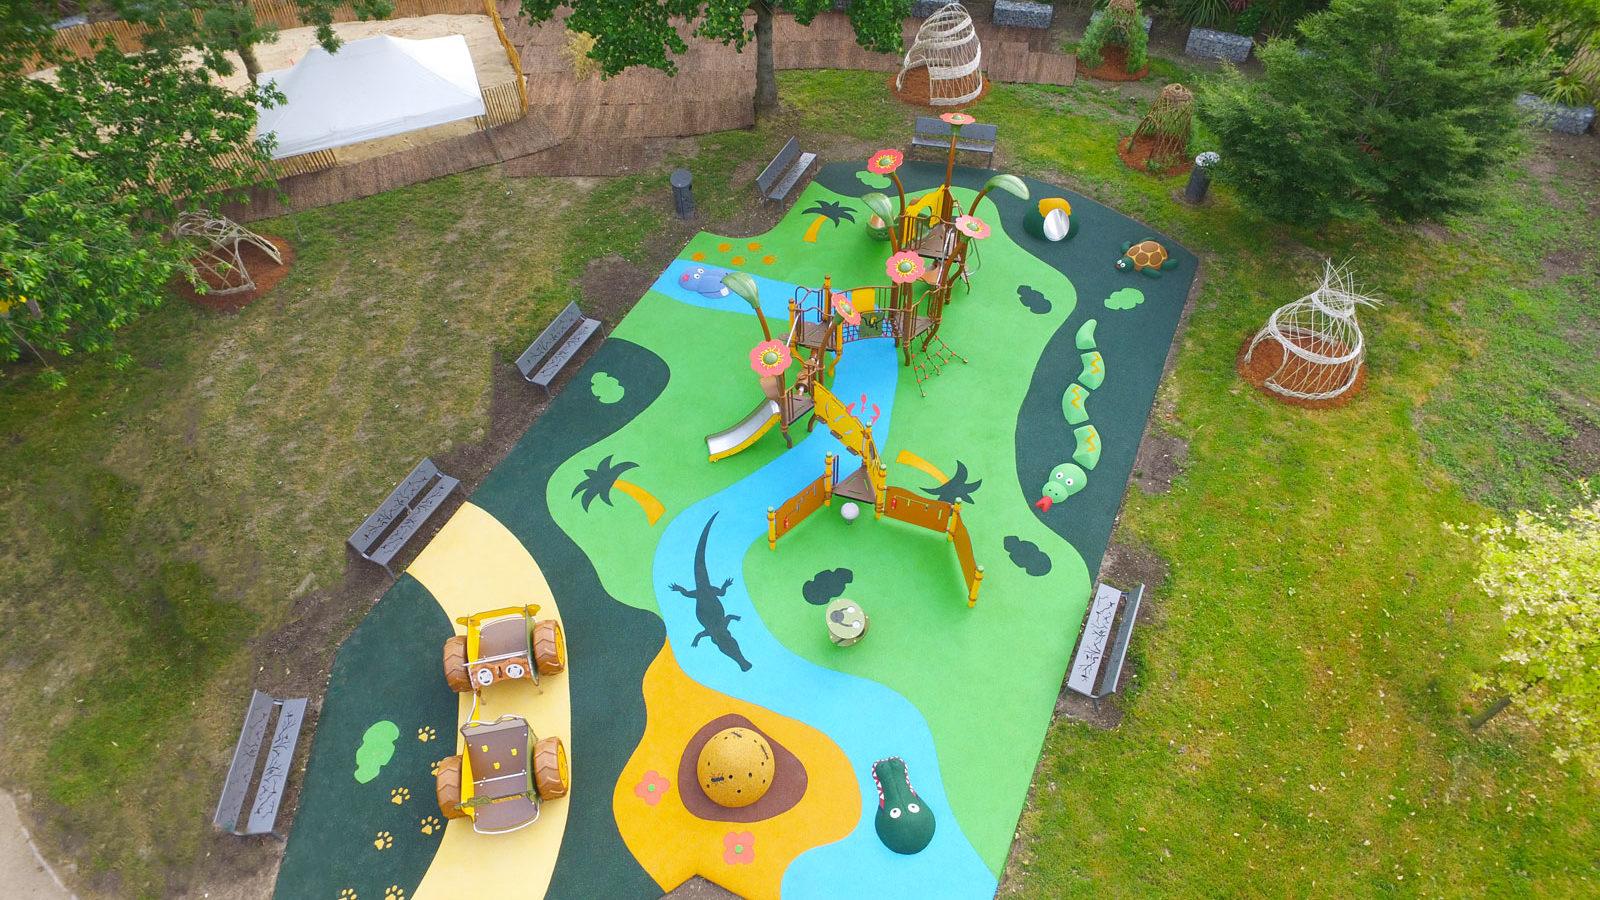 Aire de jeux thématique Terre d'aventure, au parc du Dispensaire, à Sartrouville